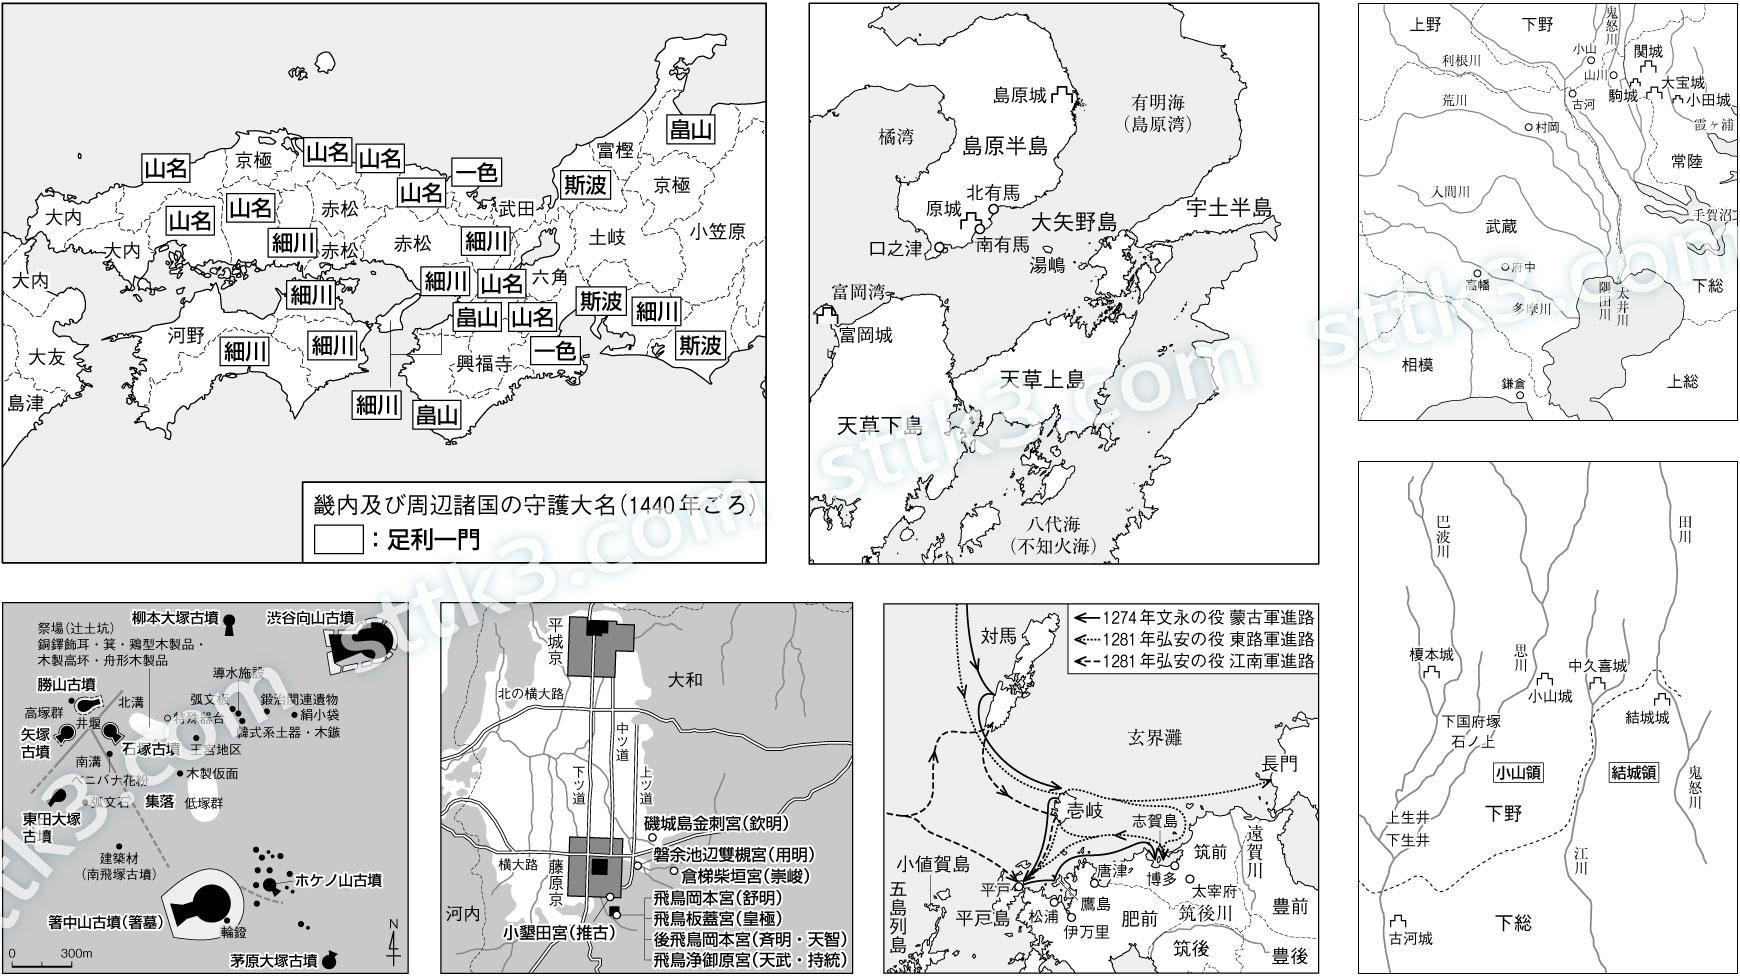 一般書日本史の地図・図版サンプル